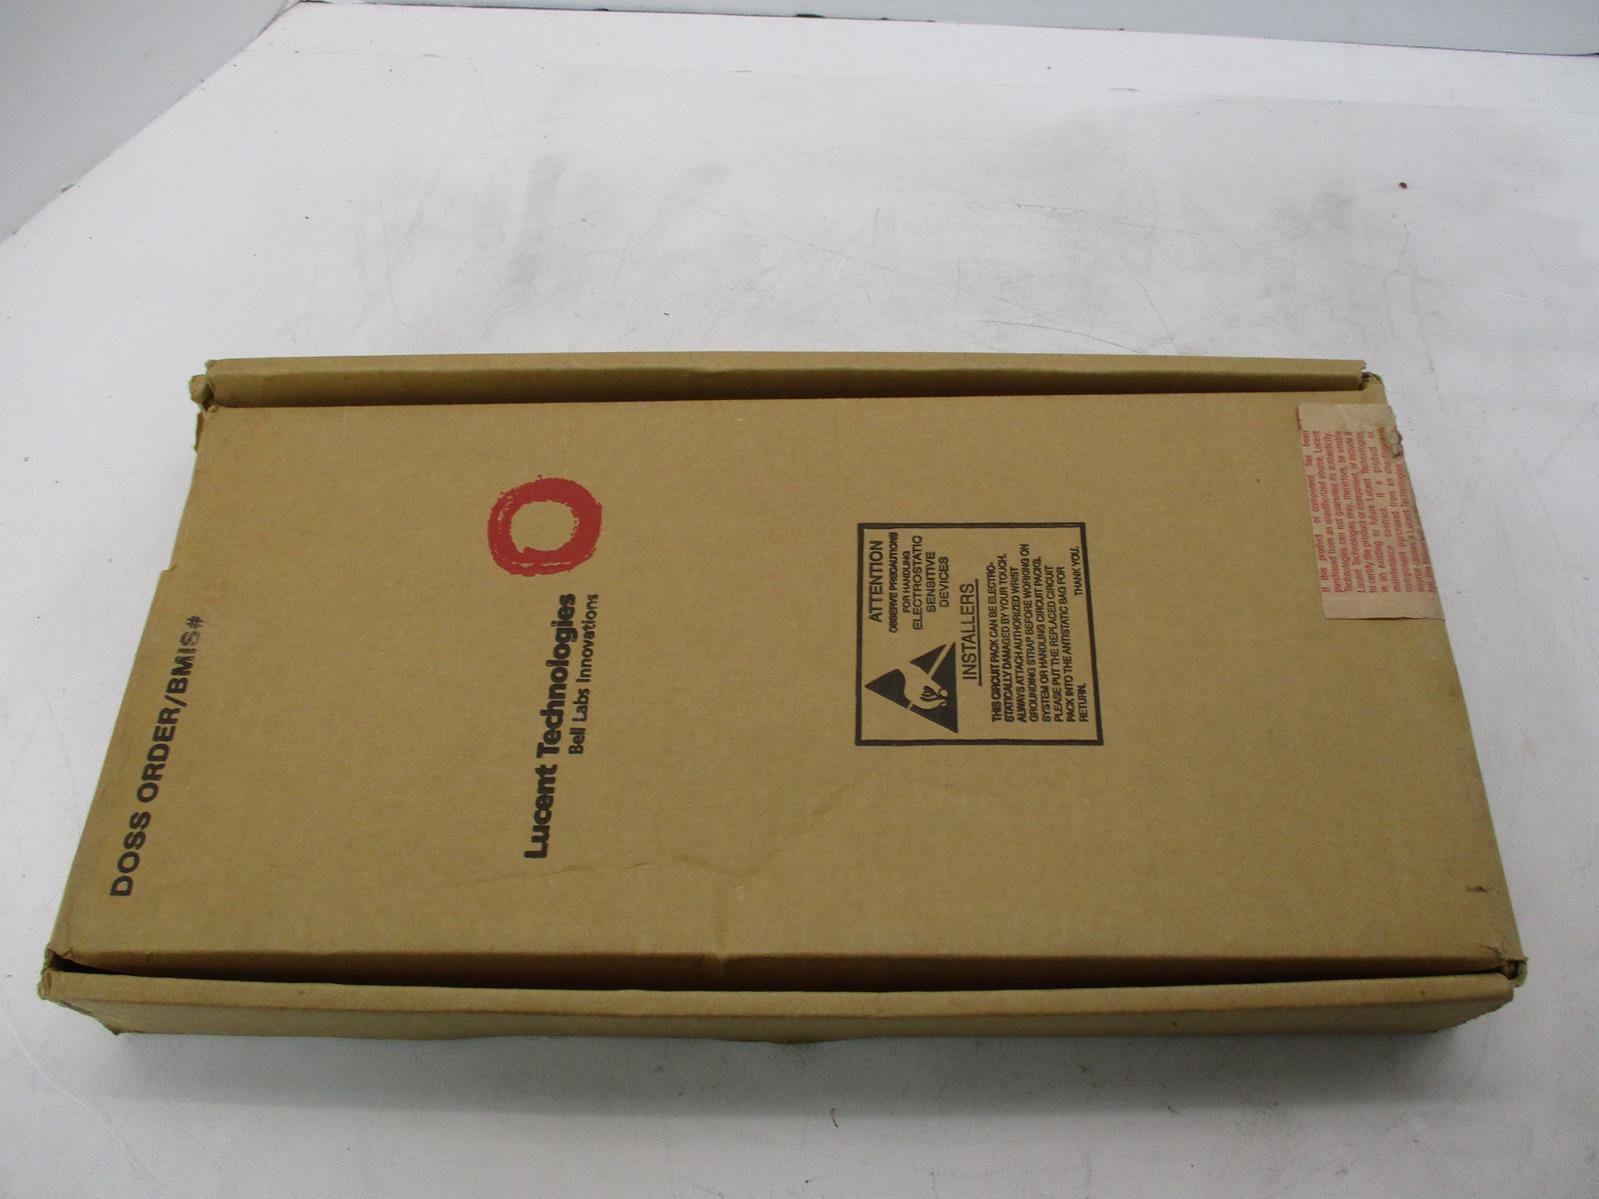 ATT DEFINITY CARD AVAYA TN744E CALL CLASSIFIER TONE DETECTOR